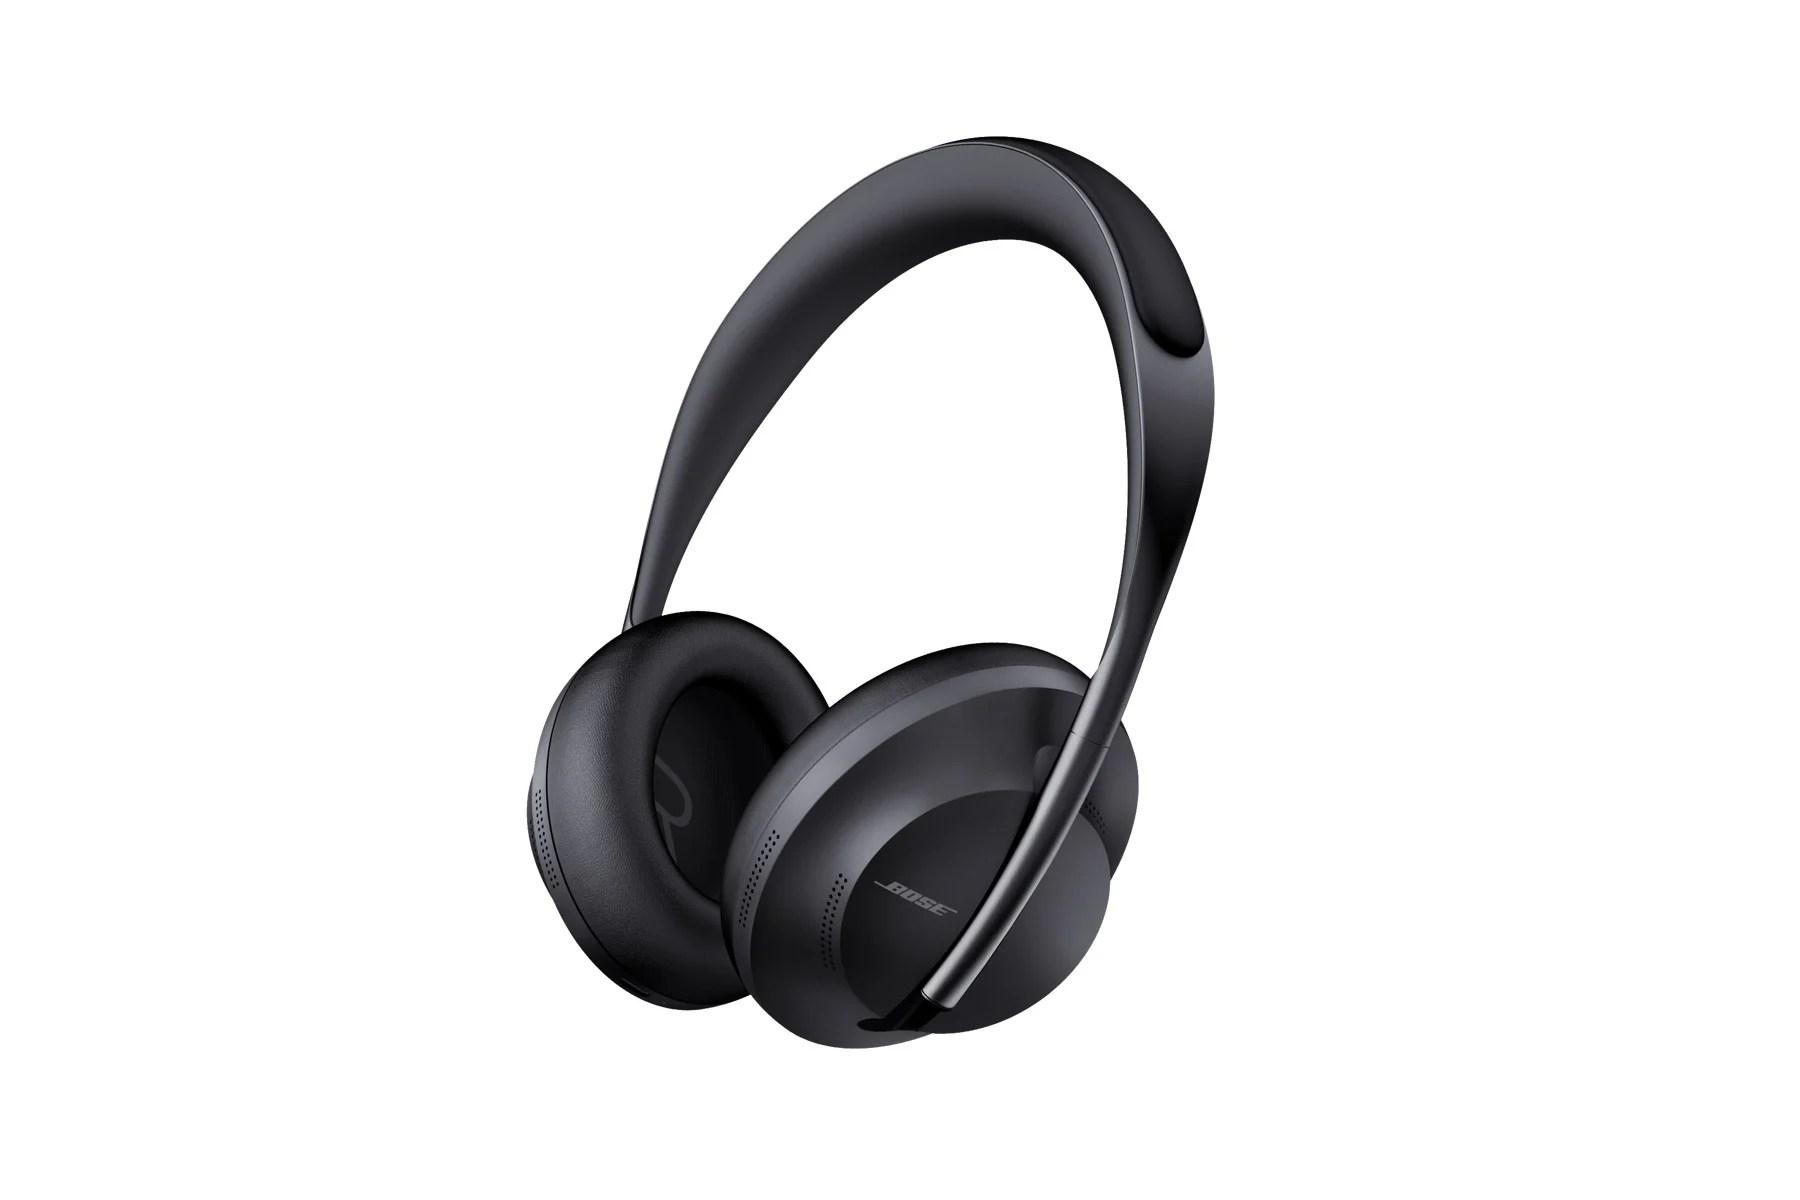 Bose Headphones 700 annoncé : un nouveau challenger pour le SonyWH-1000XM3